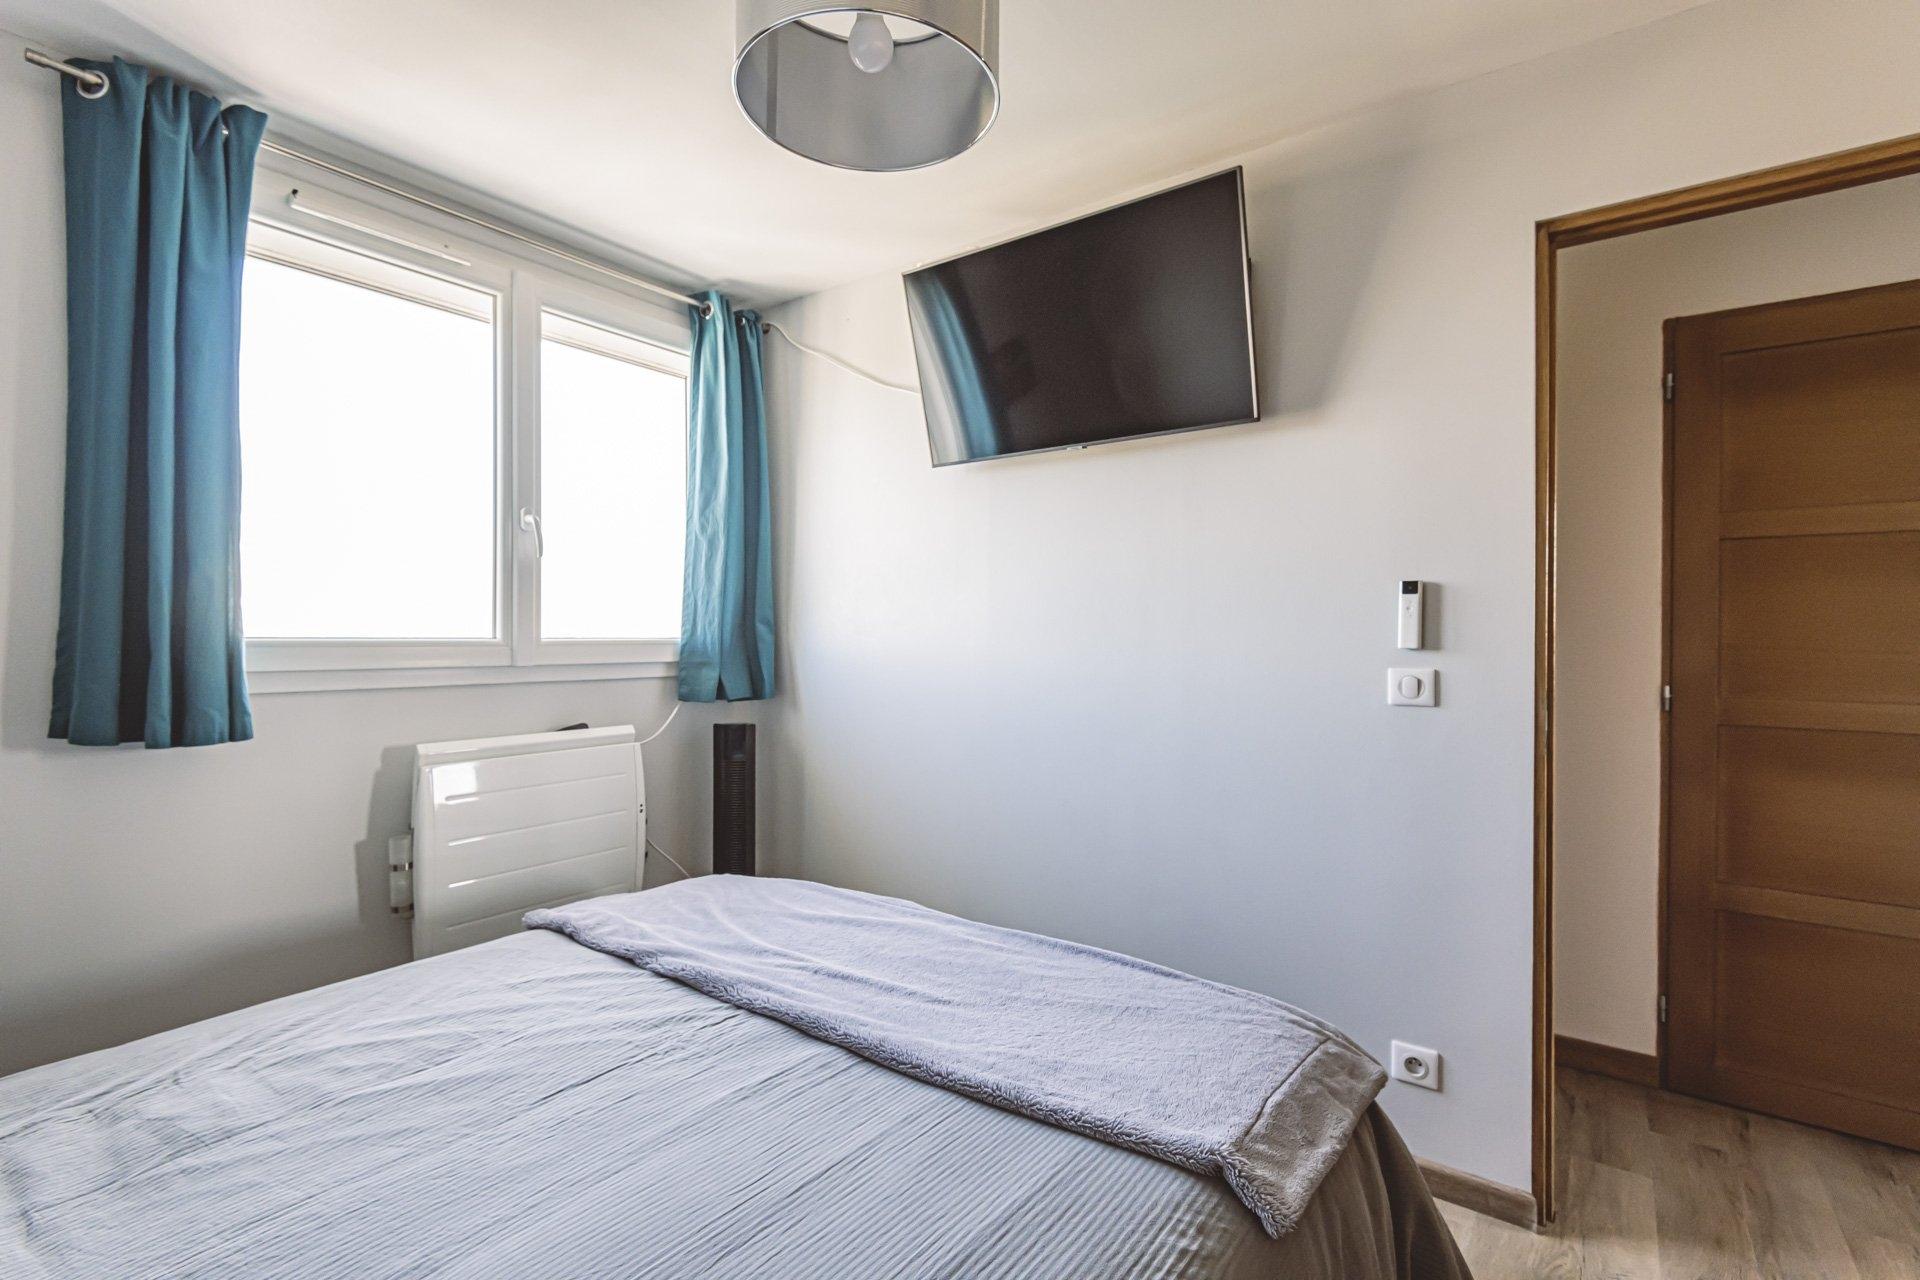 Appartement Tinqueux 4 Pièces 61.88 m2 - Balcon - 5